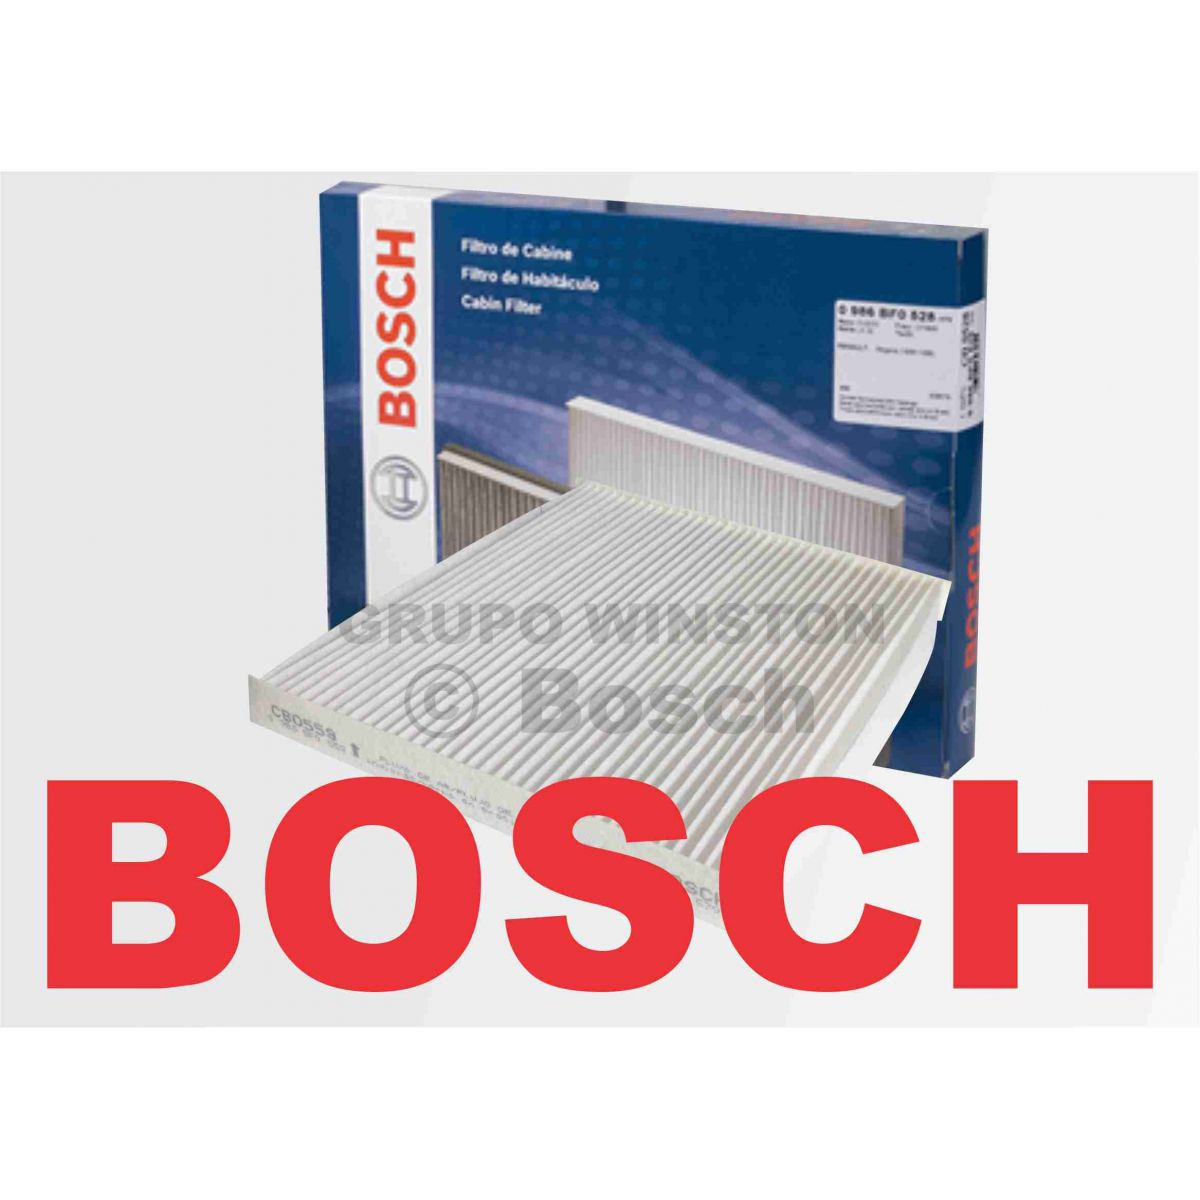 Filtro Ar Condicionado Bosch Tucson